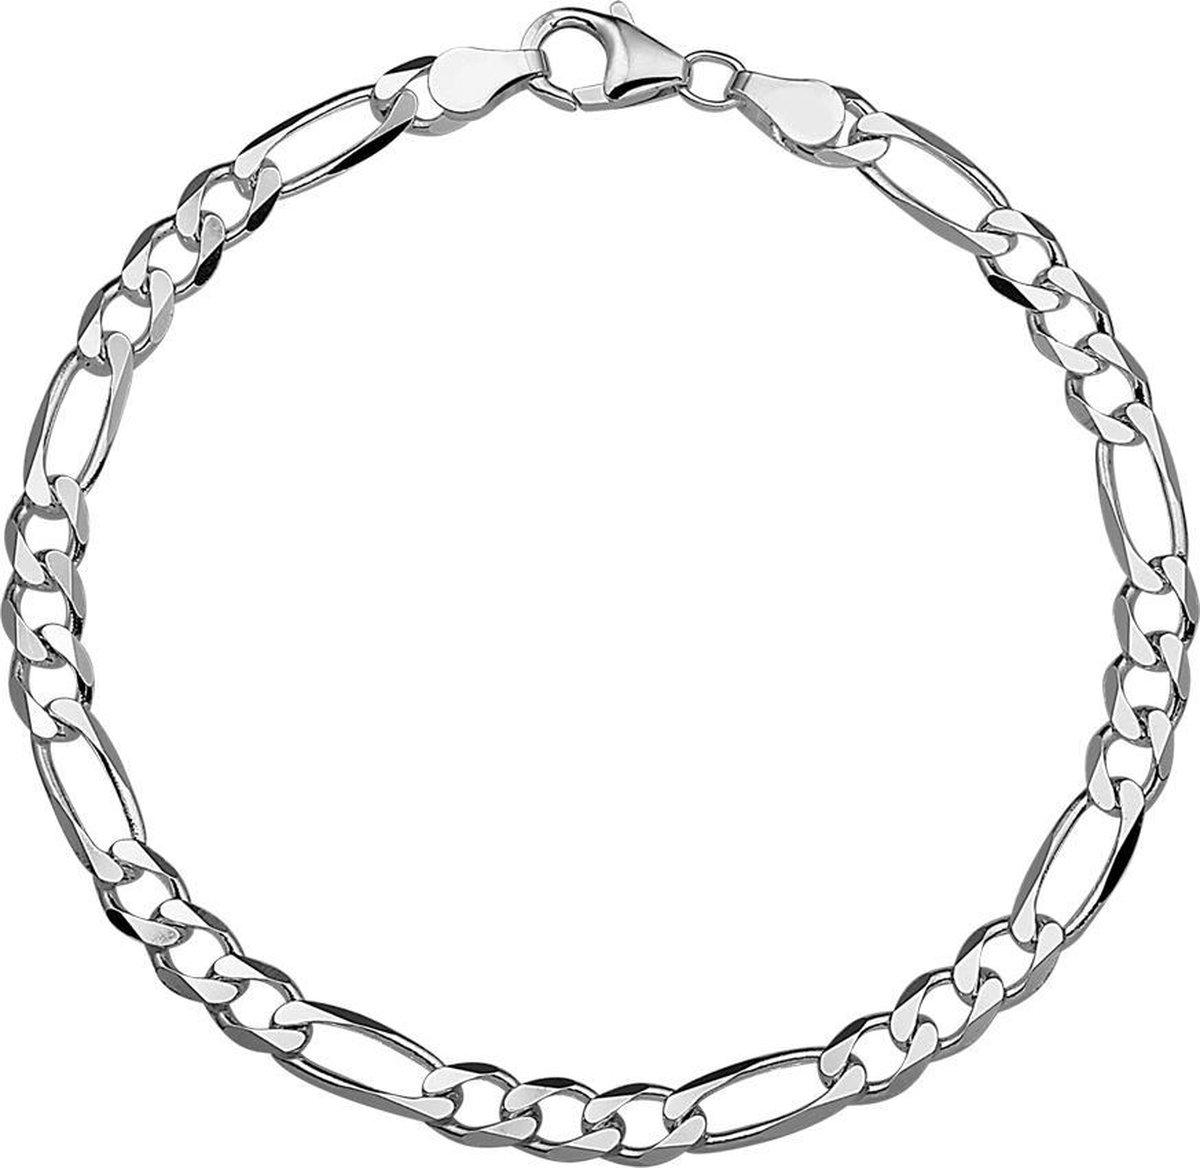 Vigor Figaro Heren Armband 4,5 mm - Zilver - Vigor